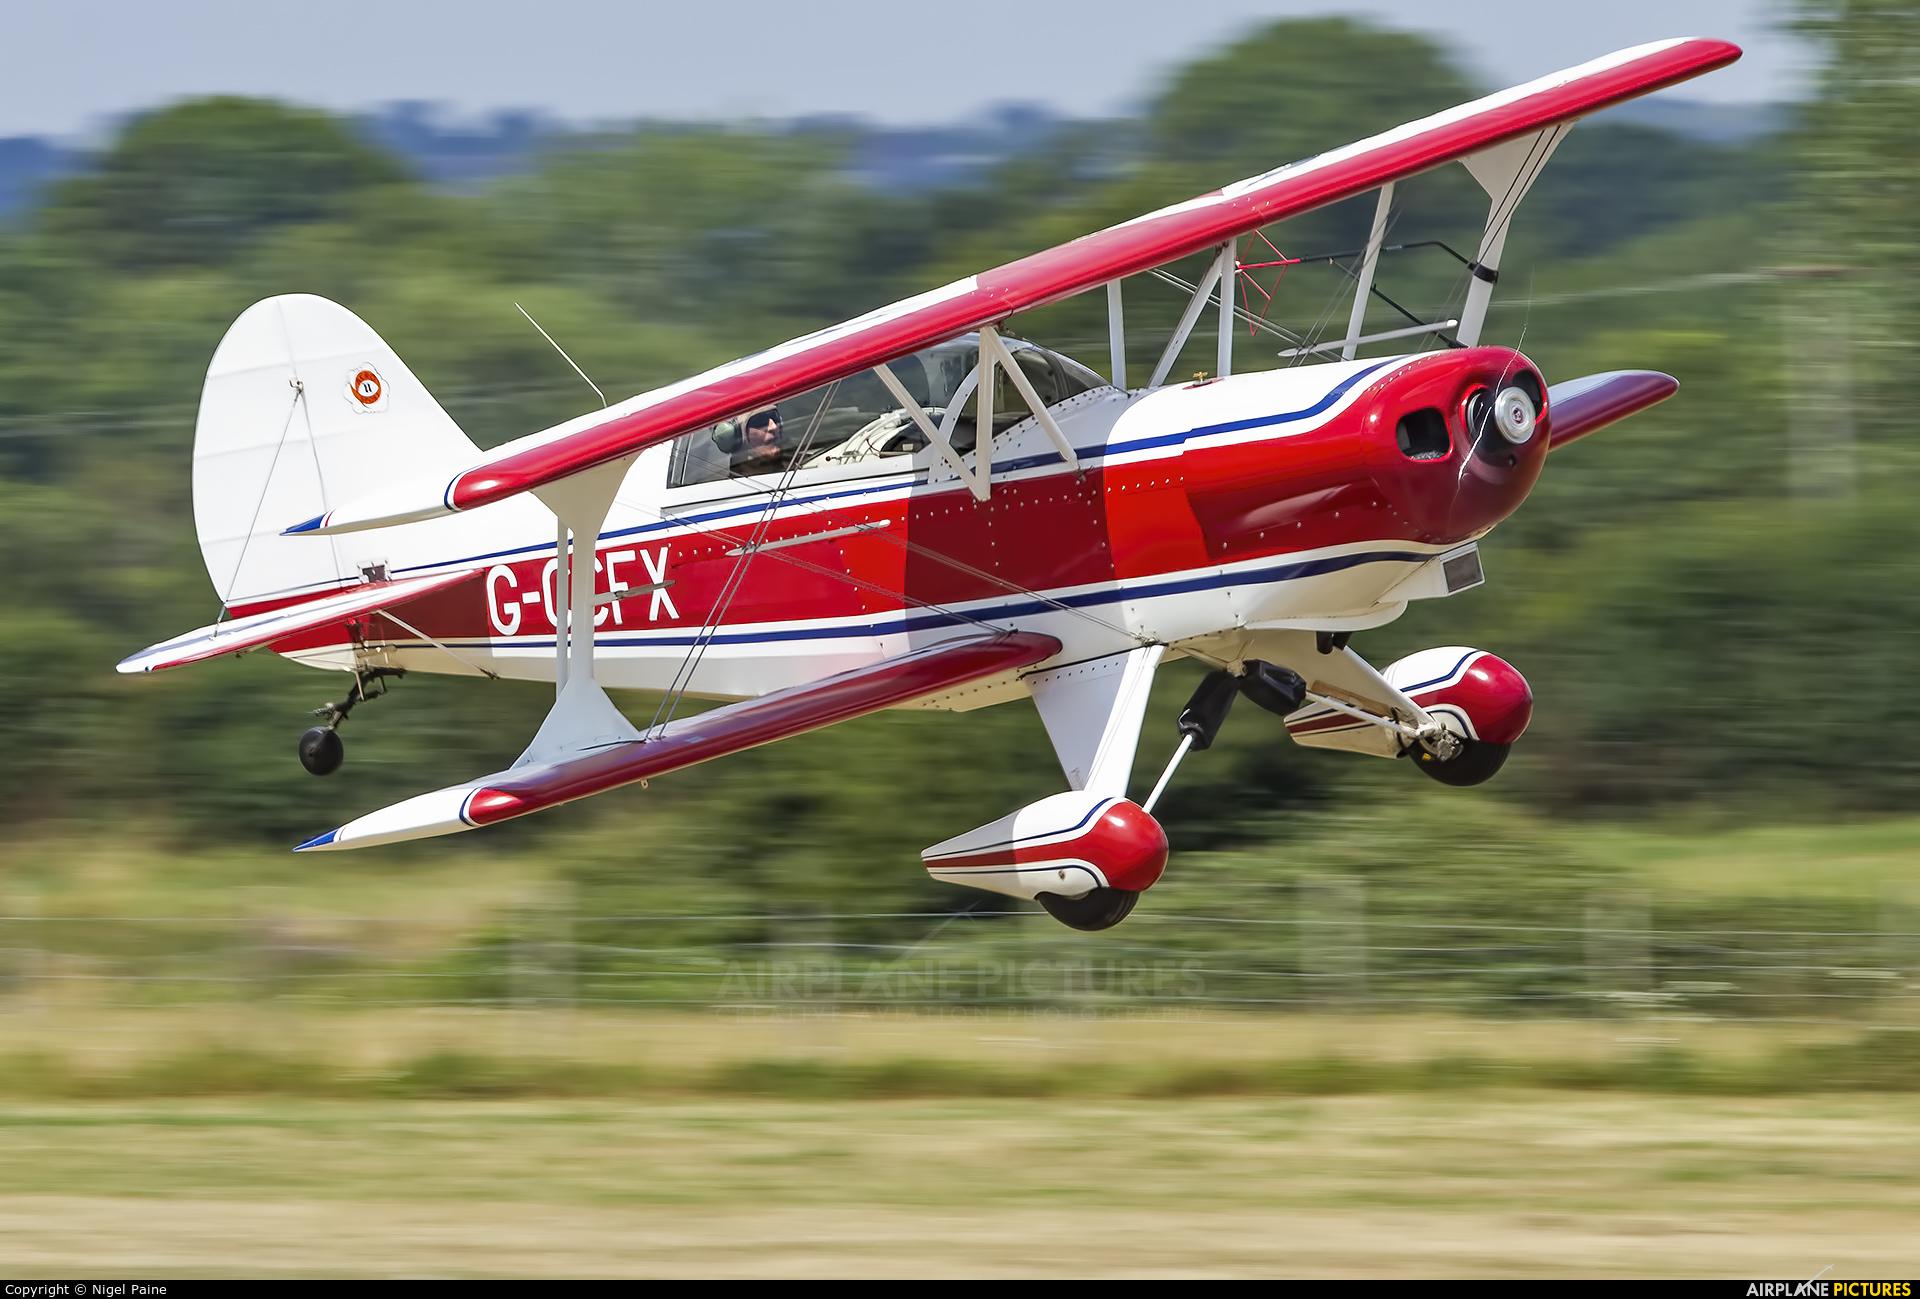 Private G-CCFX aircraft at Lashenden / Headcorn